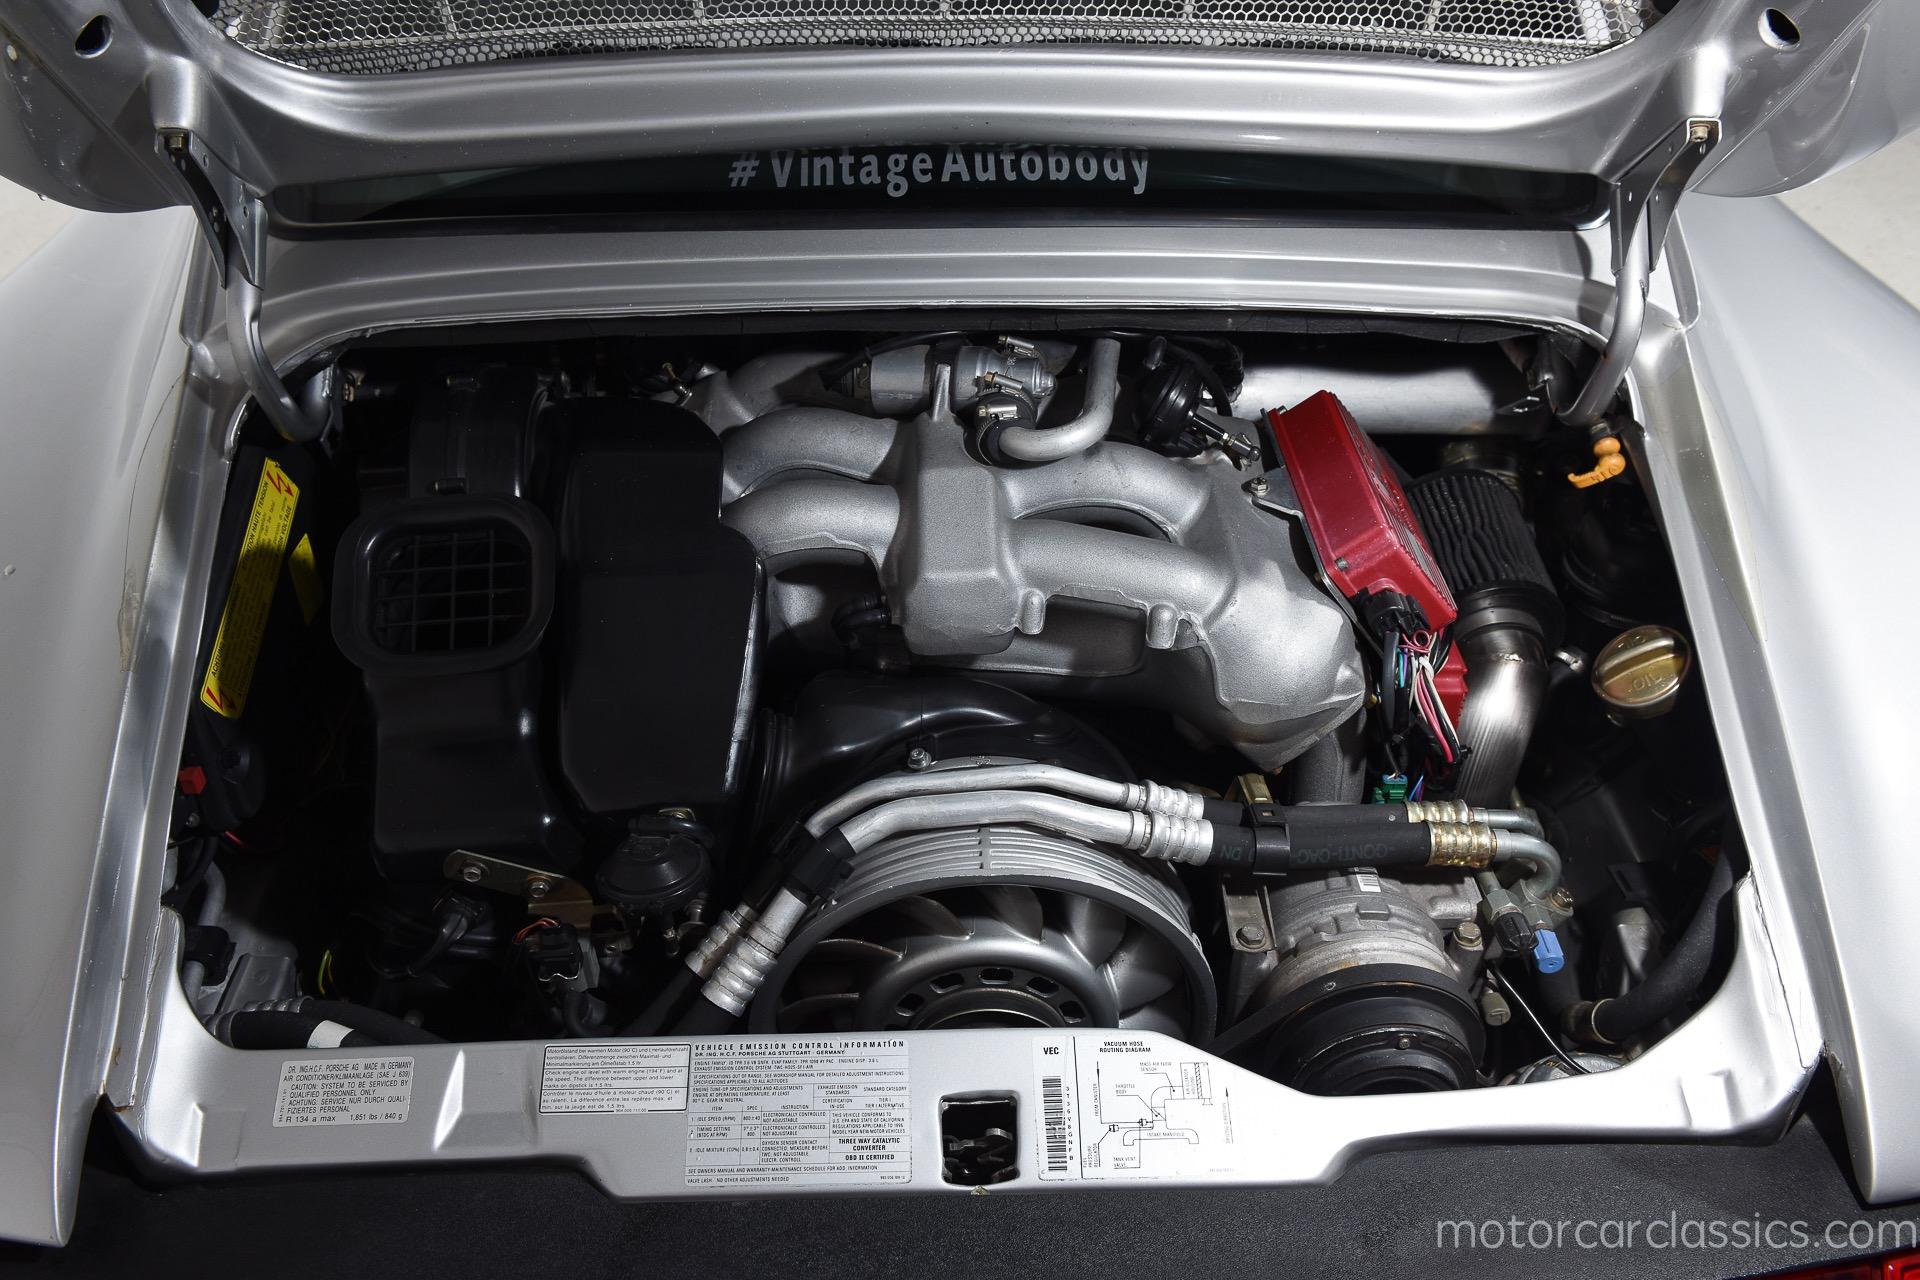 1996 Porsche 911 Turbo Carrera